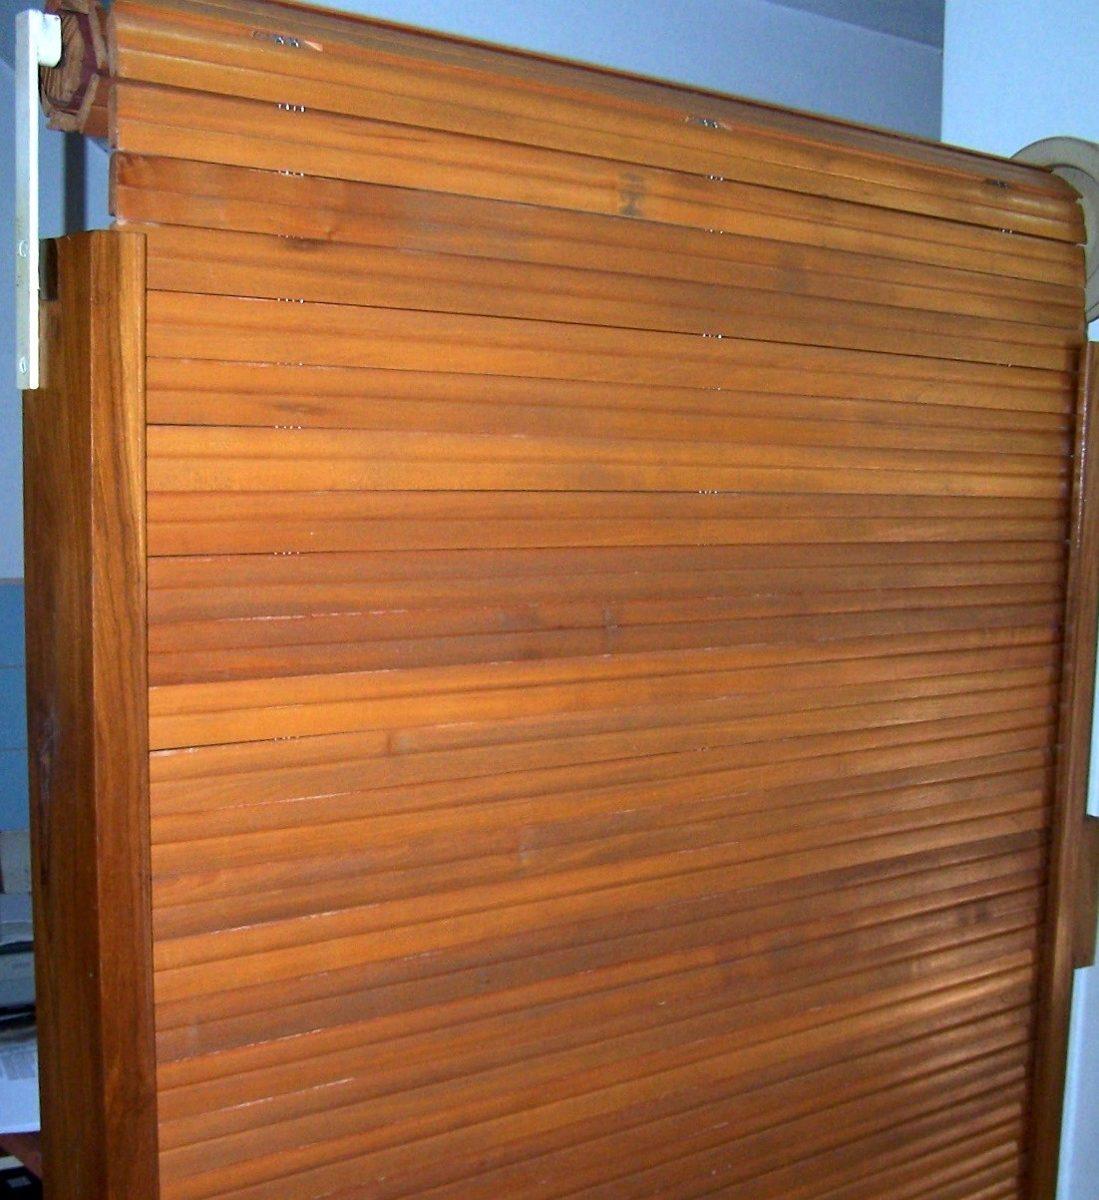 Reparacion de persianas y cortinas de enrollar de madera - Persiana enrollable madera ...